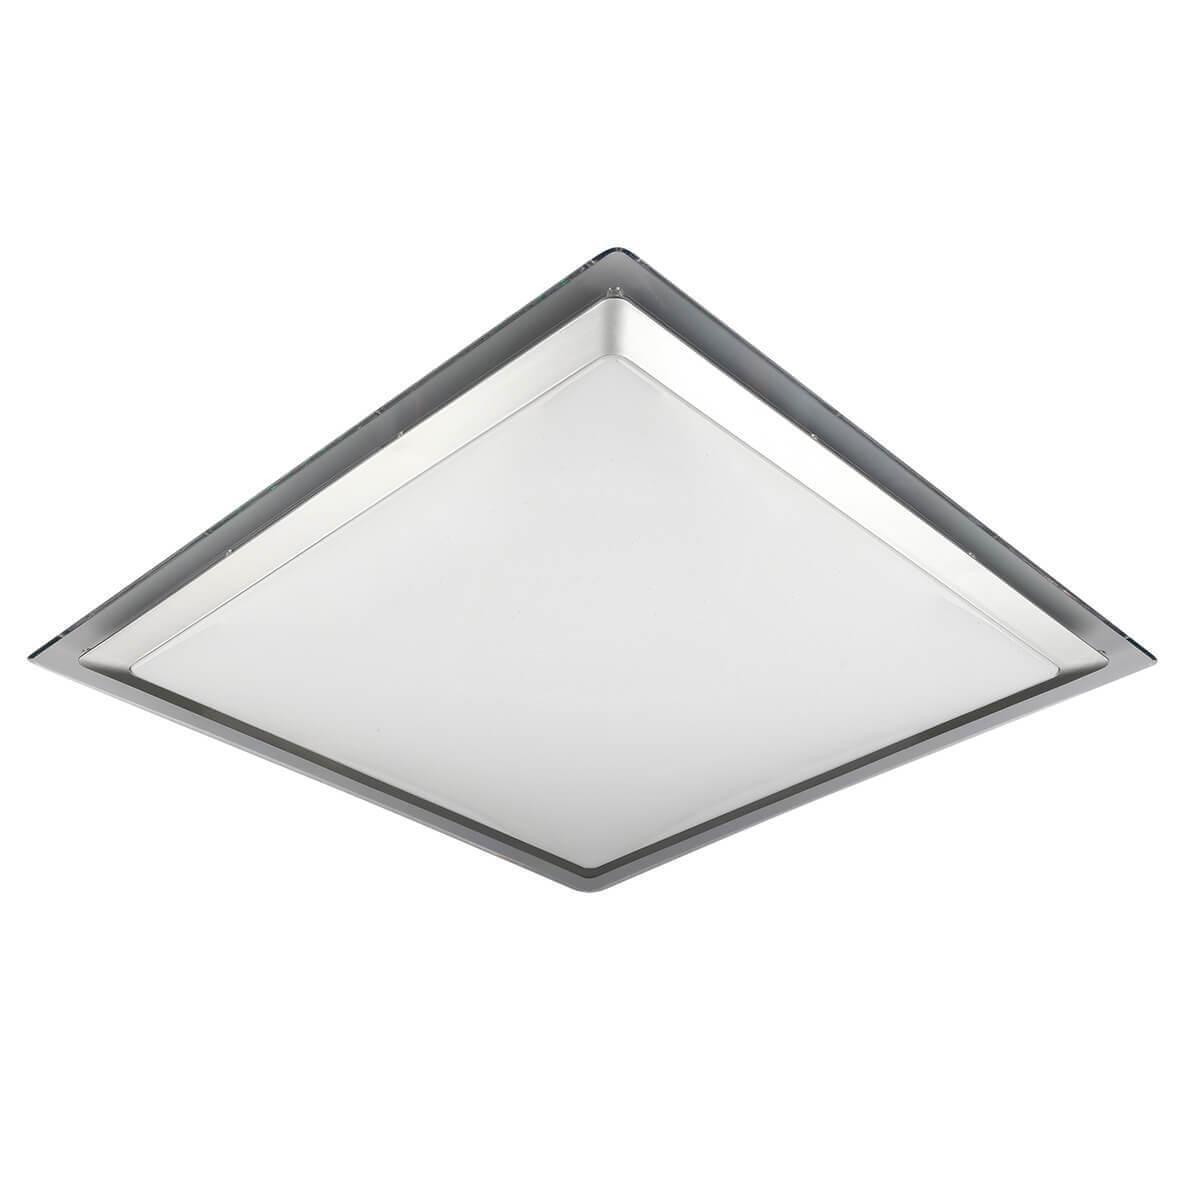 Фото - Накладной светильник Omnilux OML-47117-60, LED, 60 Вт потолочный светодиодный светильник omnilux oml 45407 60